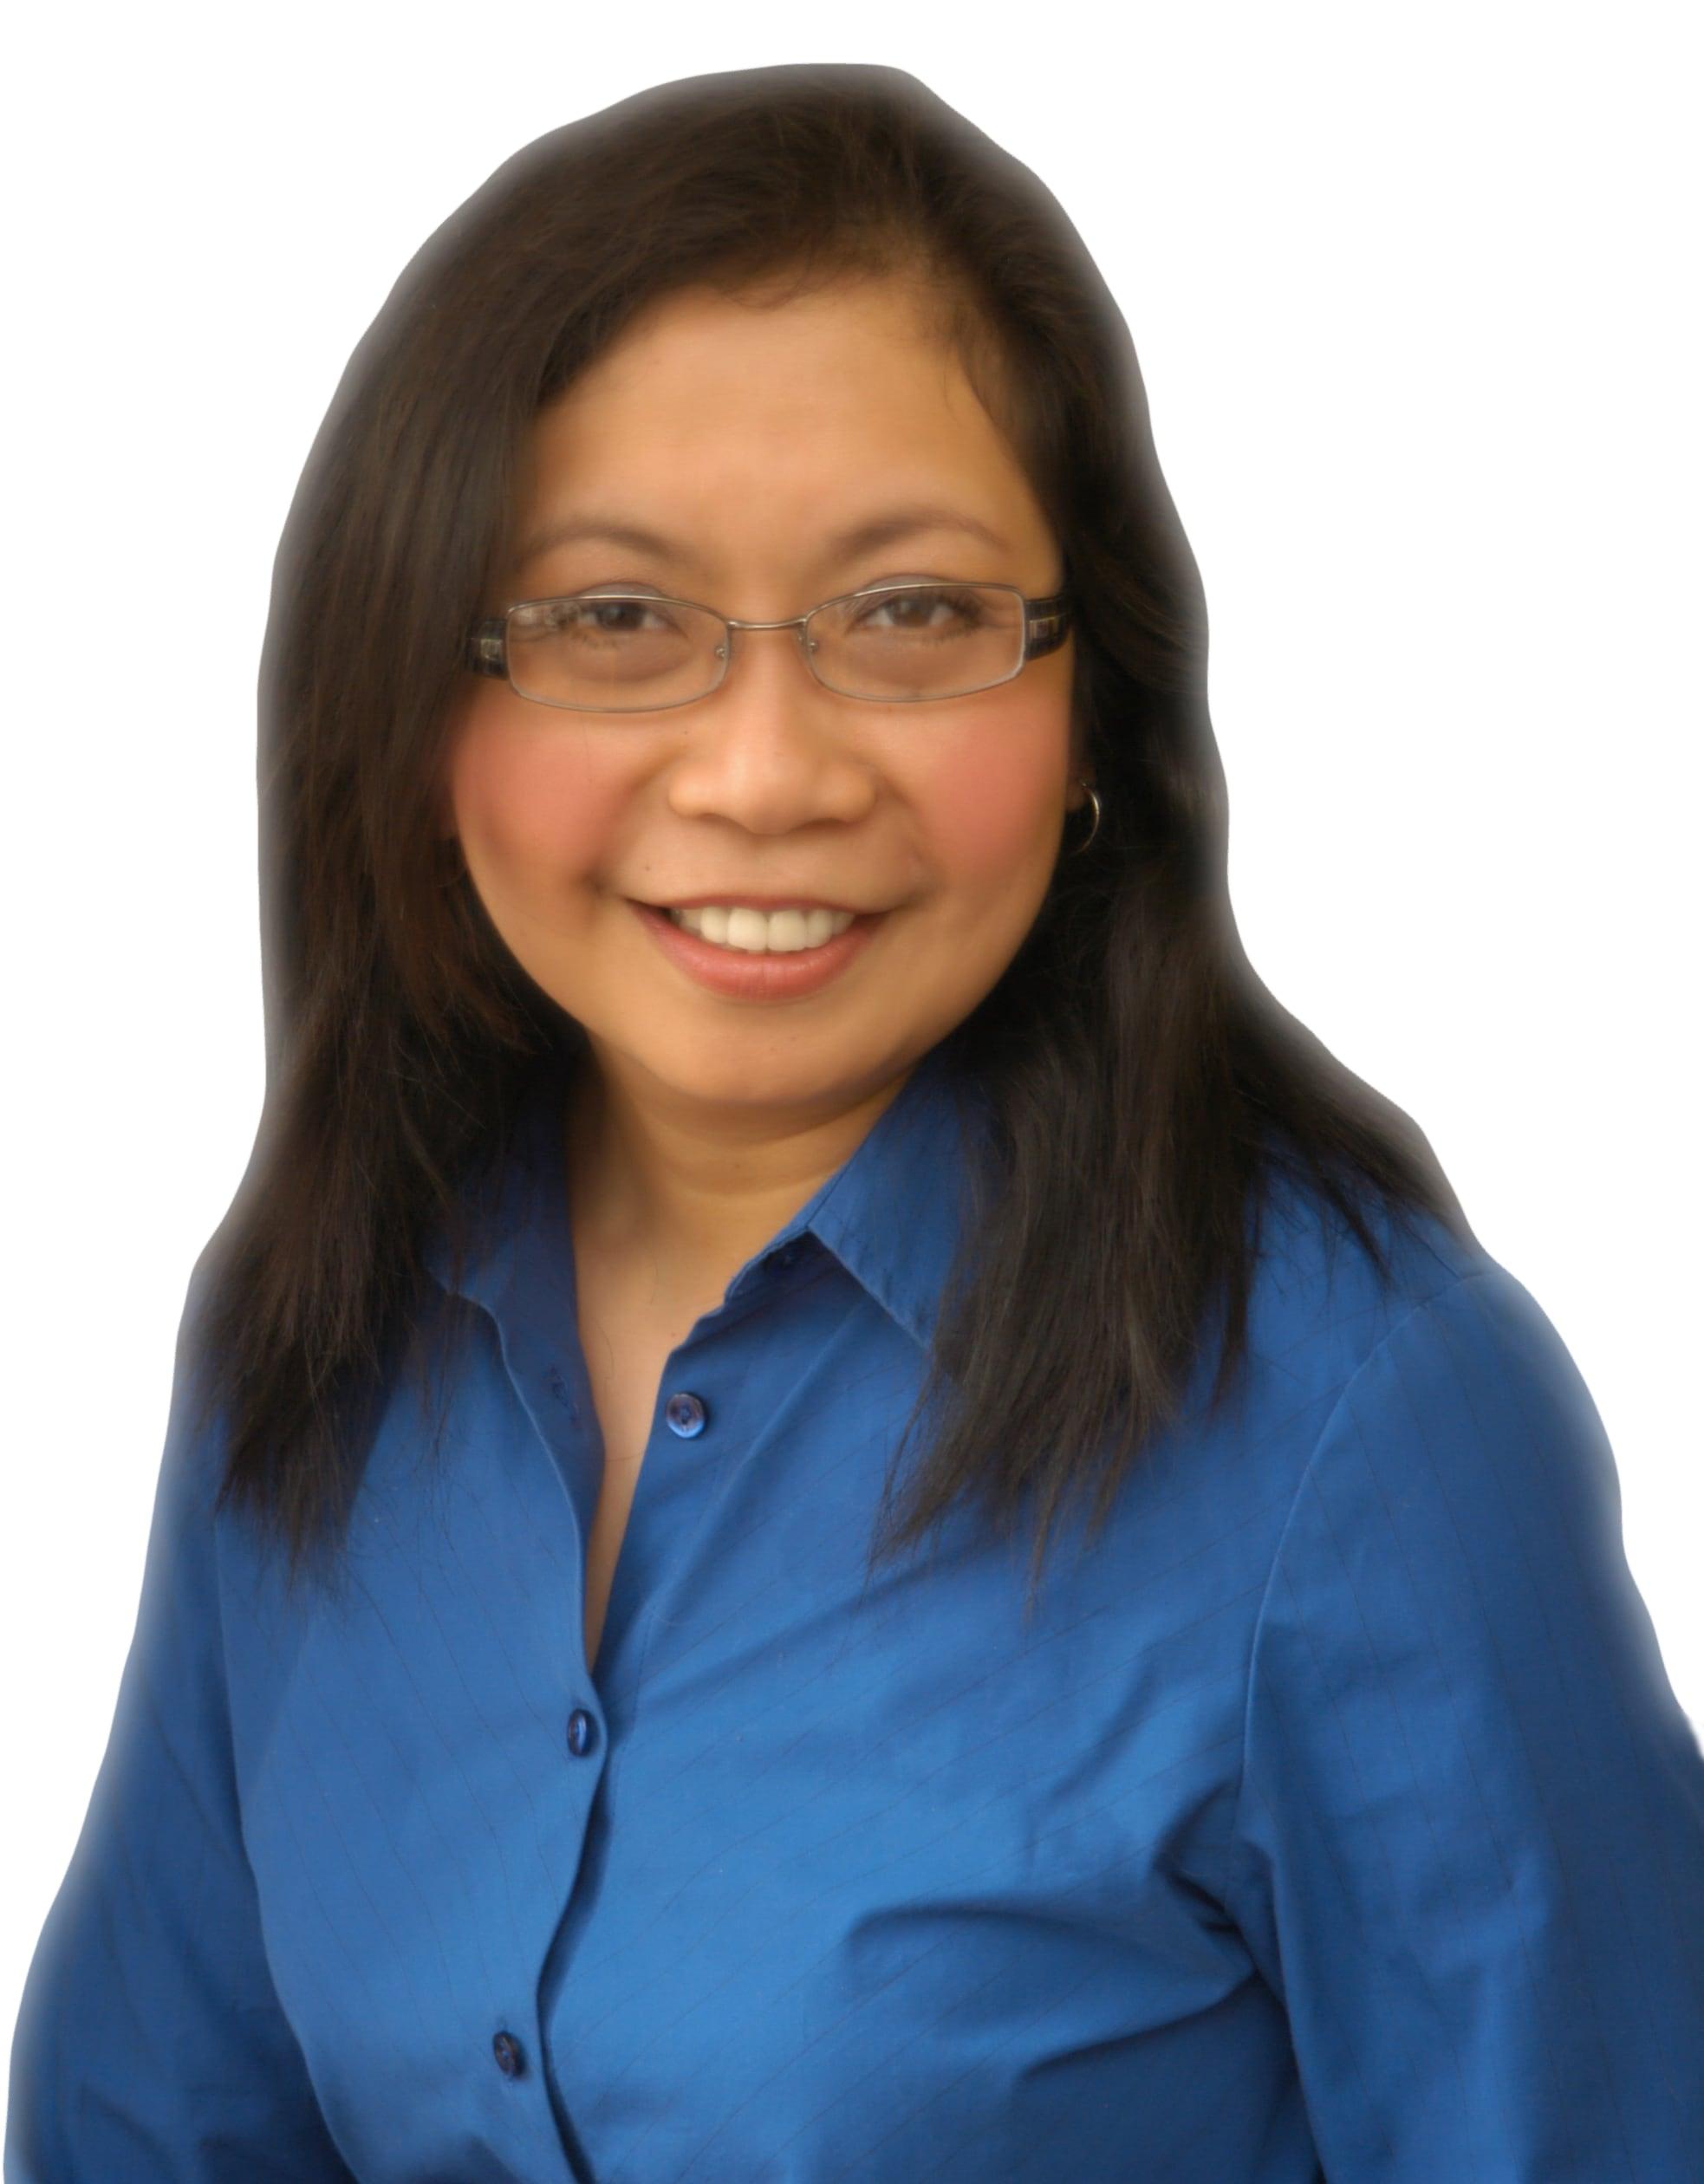 Dr. Leah E Briones MD